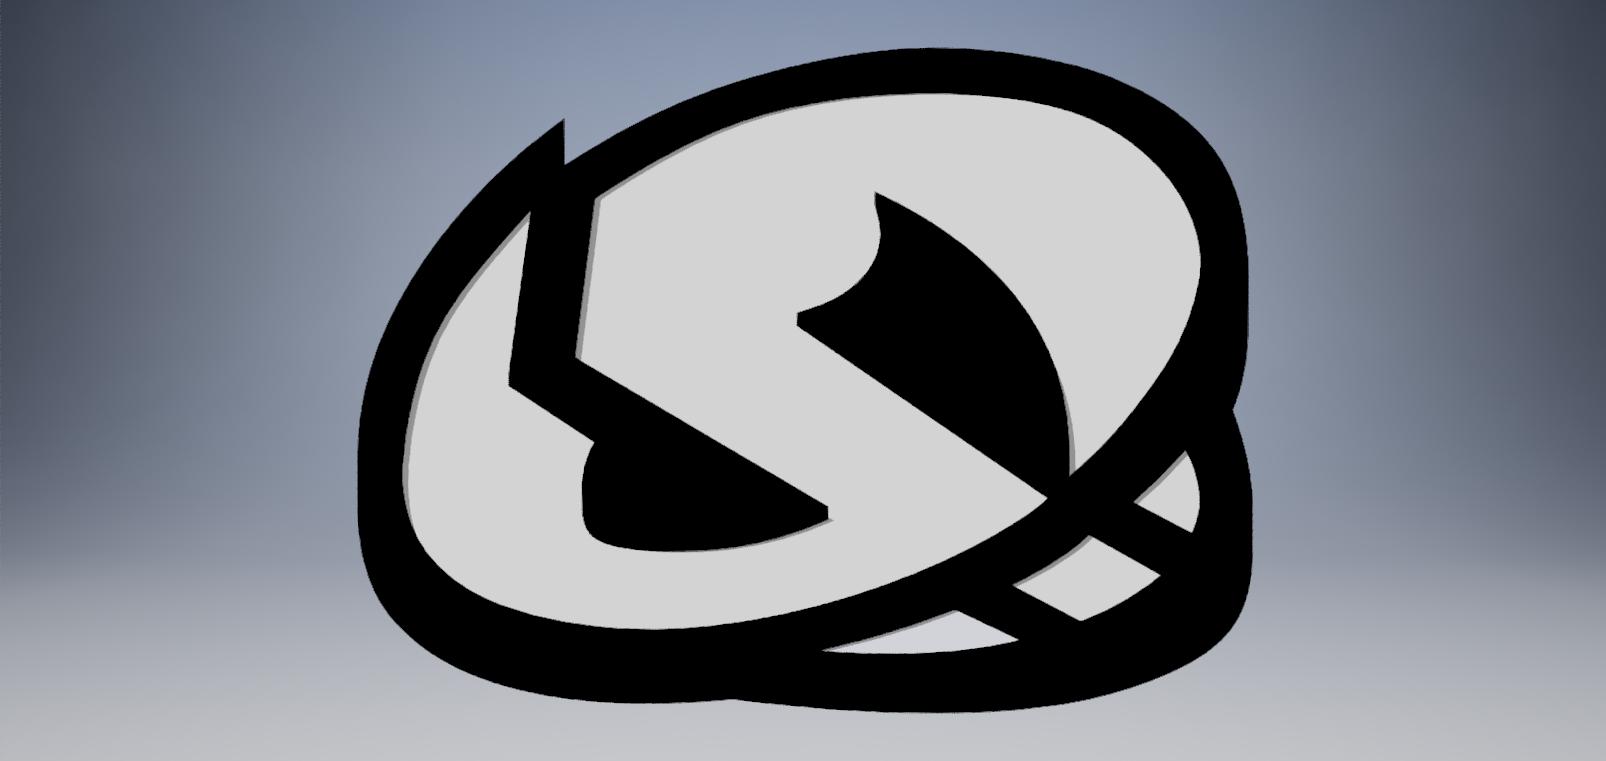 teamskull.png Télécharger fichier STL gratuit Pendentif du crâne de l'équipe • Objet à imprimer en 3D, reakain